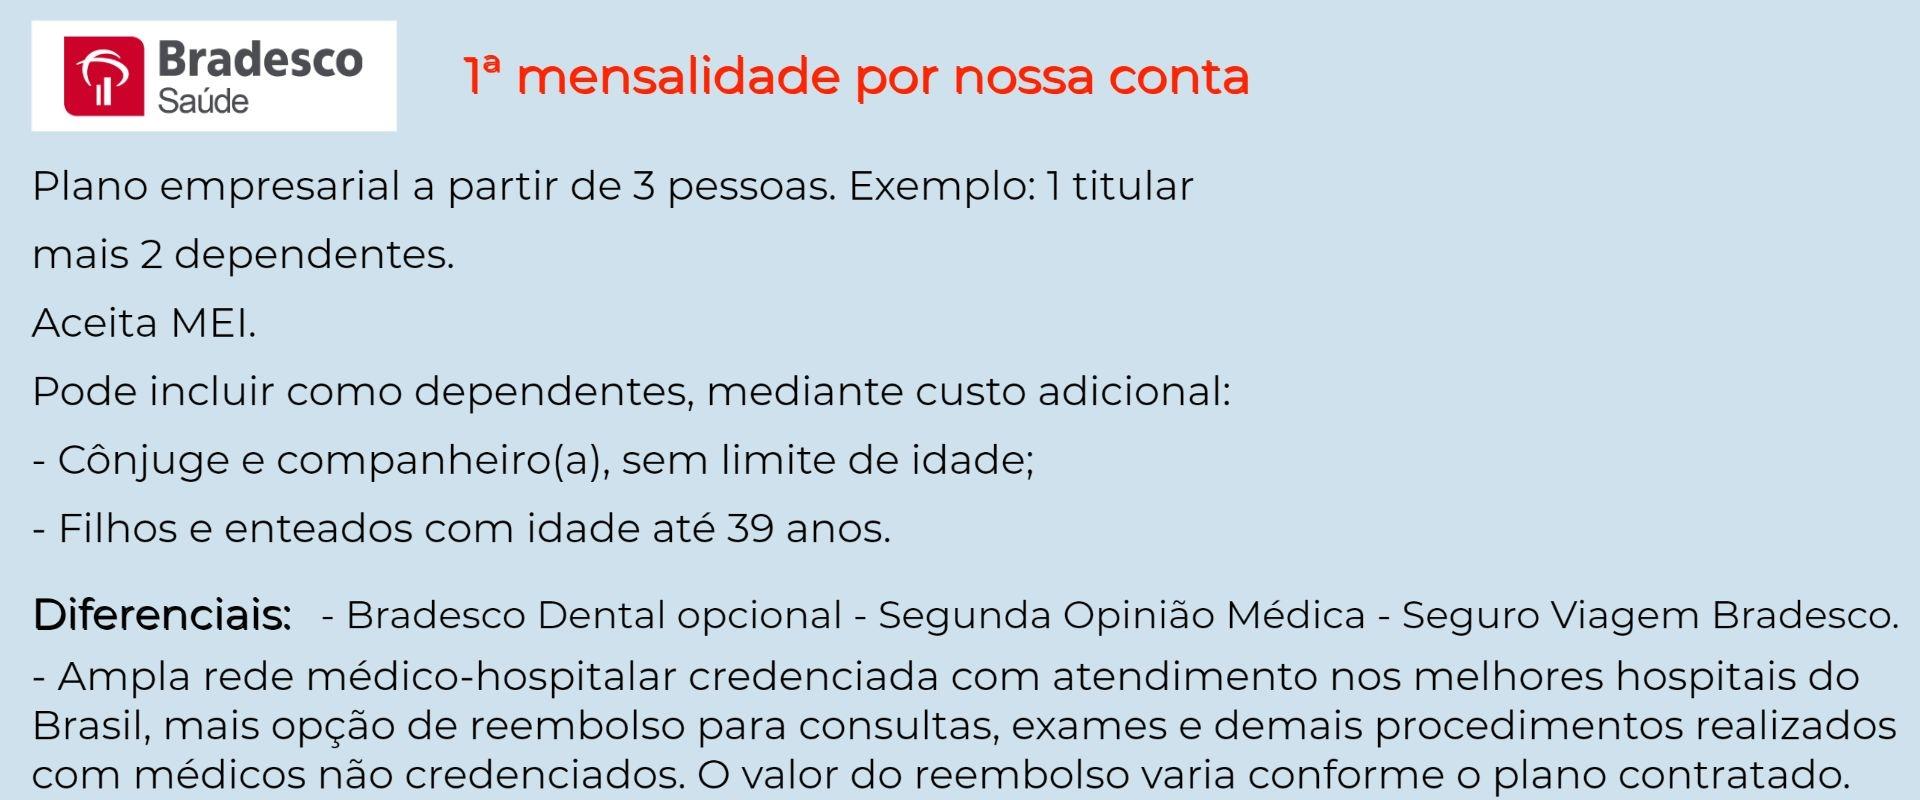 Bradesco Saúde Empresarial - Salto de Pirapora